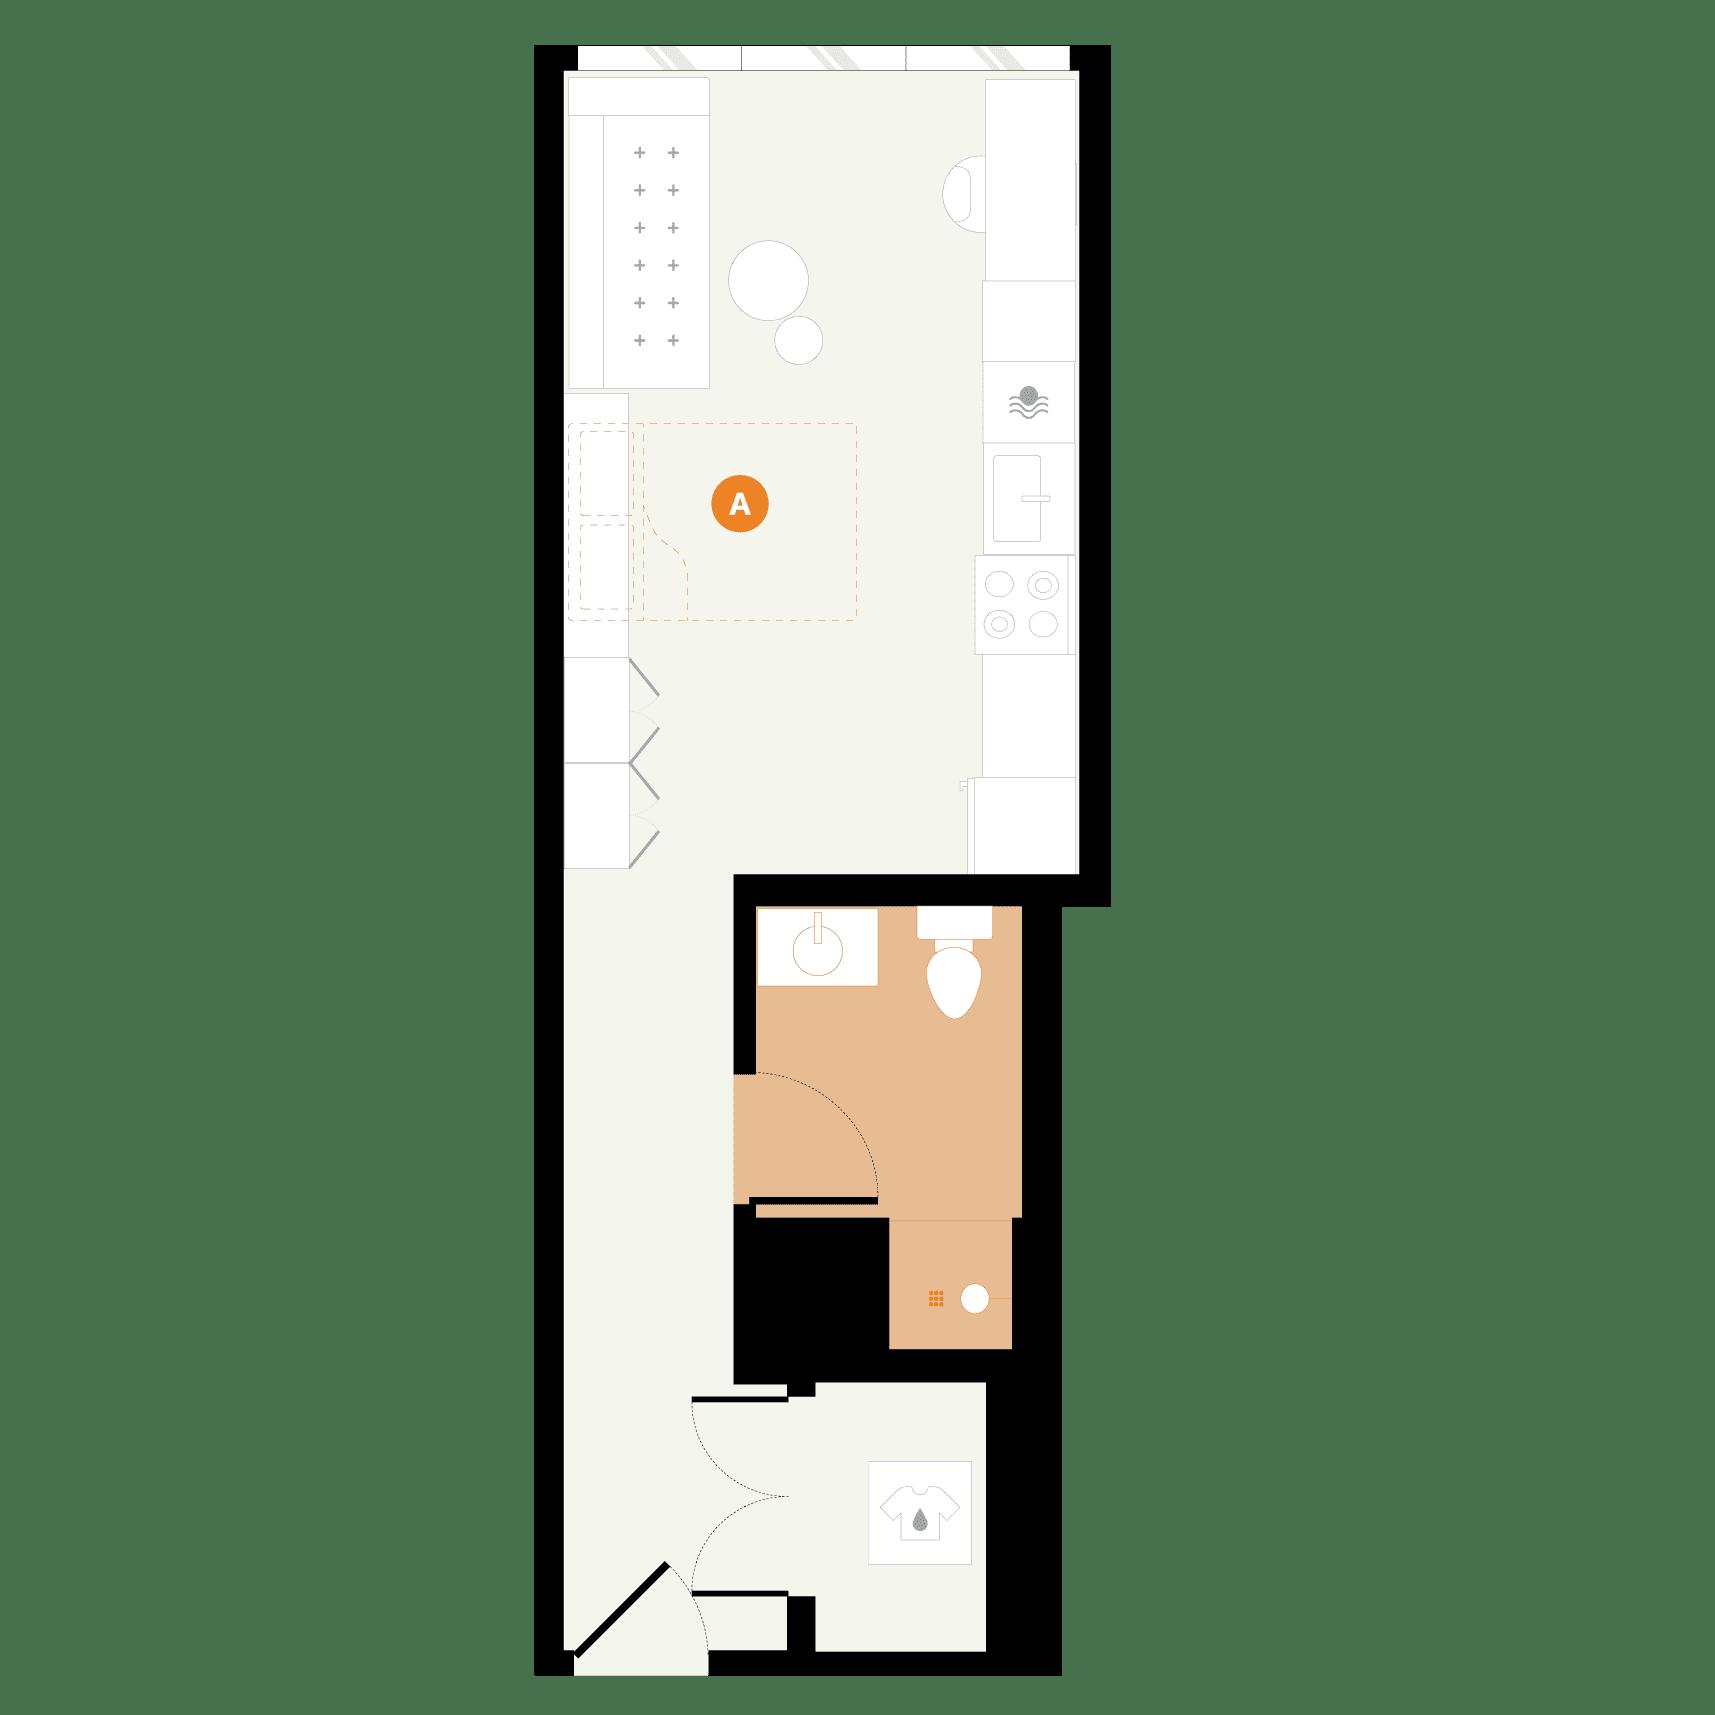 Rendering for Murphy Studio B floor plan